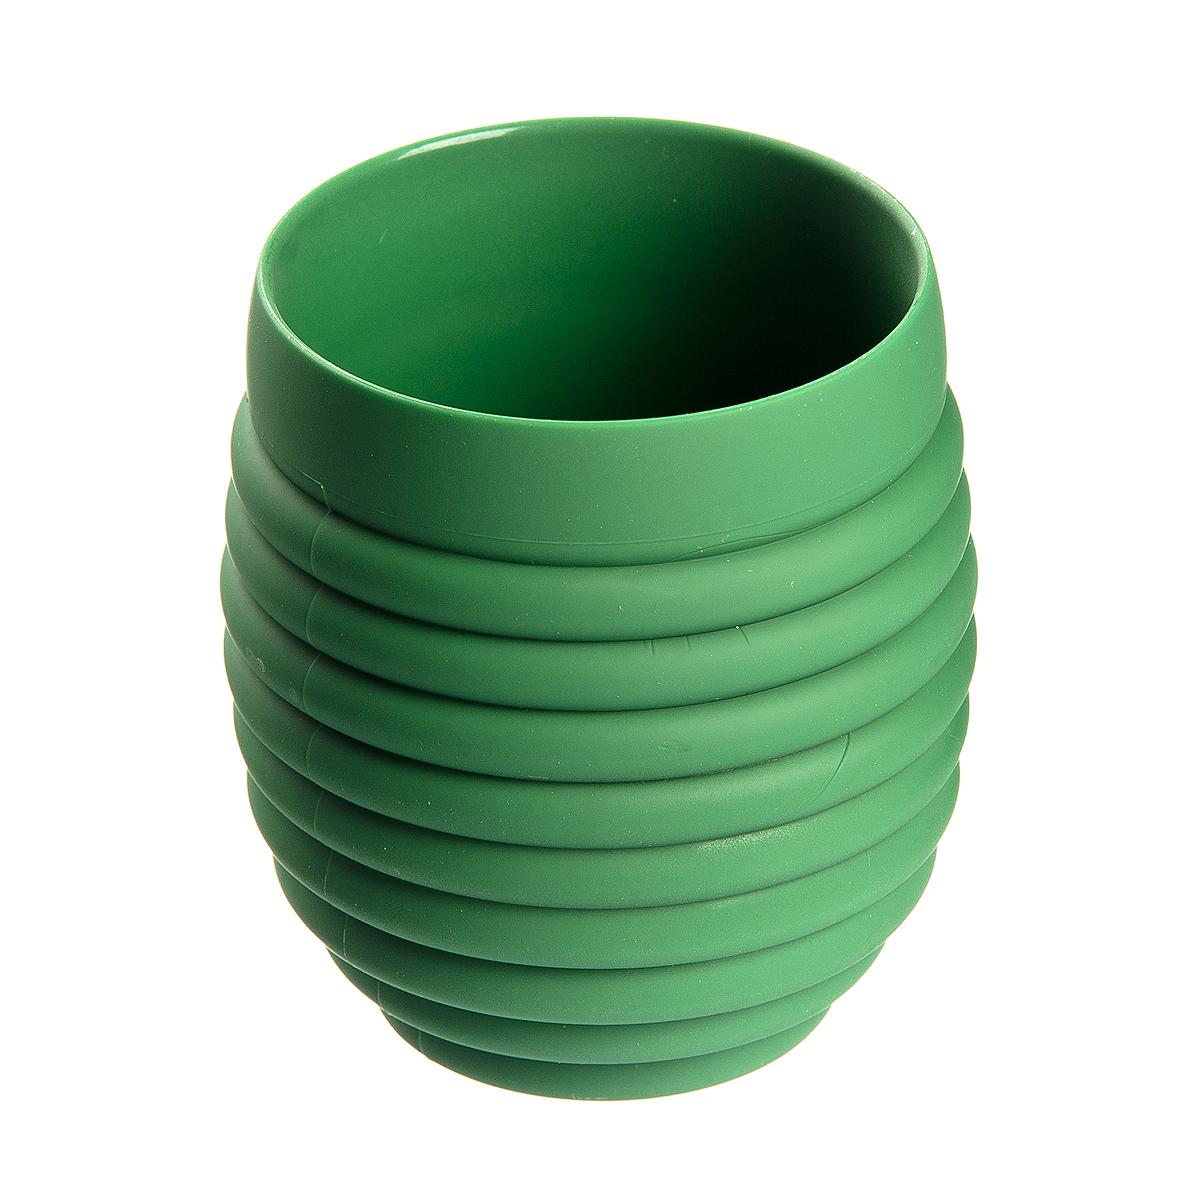 Стакан для ванной Fresh Code Волна, цвет: зеленый, 350 мл стакан для ванной fresh code бамбук цвет салатовый 500 мл